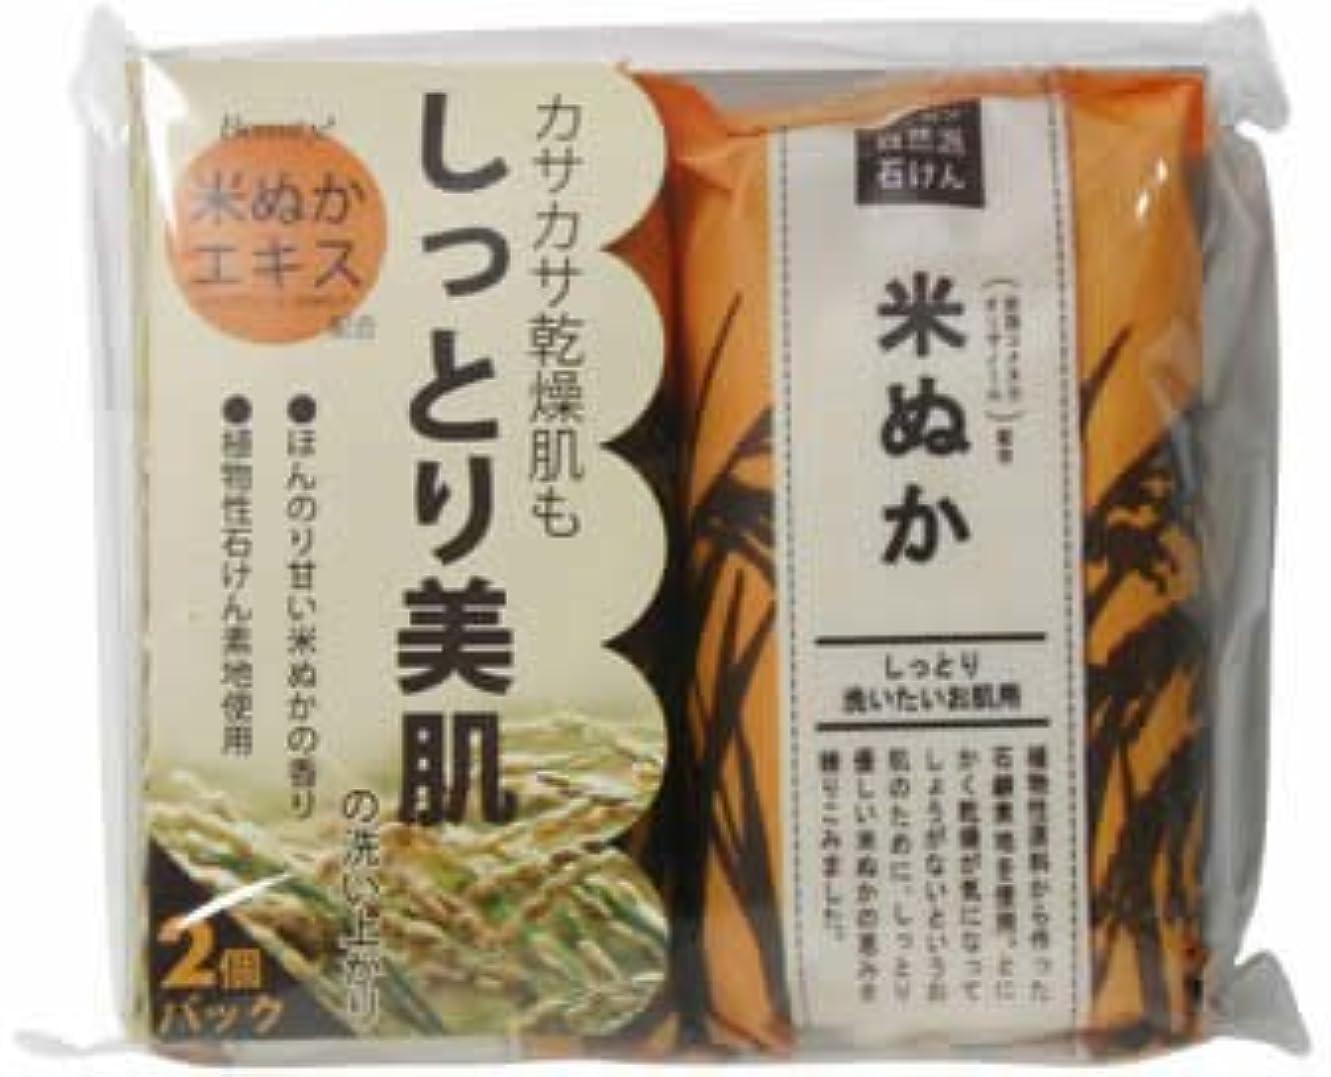 自由拒絶に応じてペリカン石鹸 自然派石けん米ぬか 100g×2個